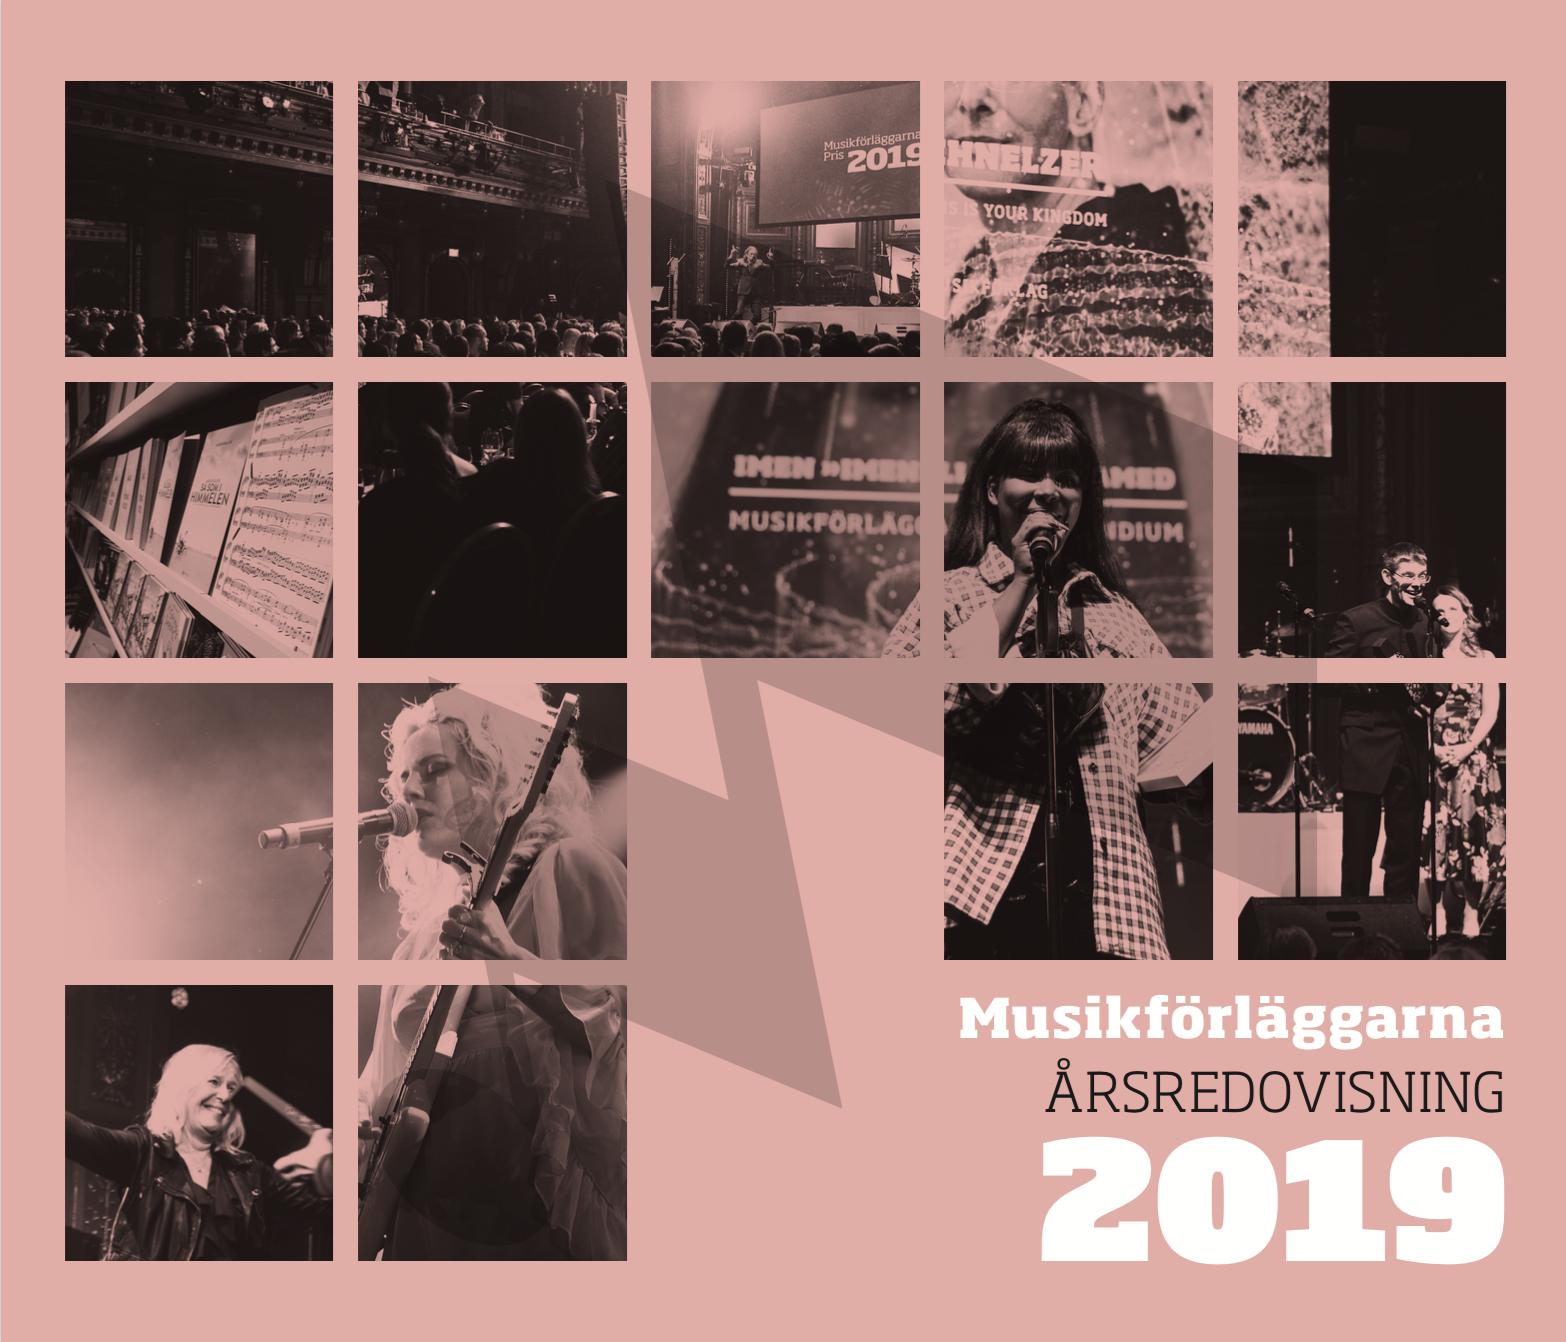 Musikförläggarnas årsredovisning 2019